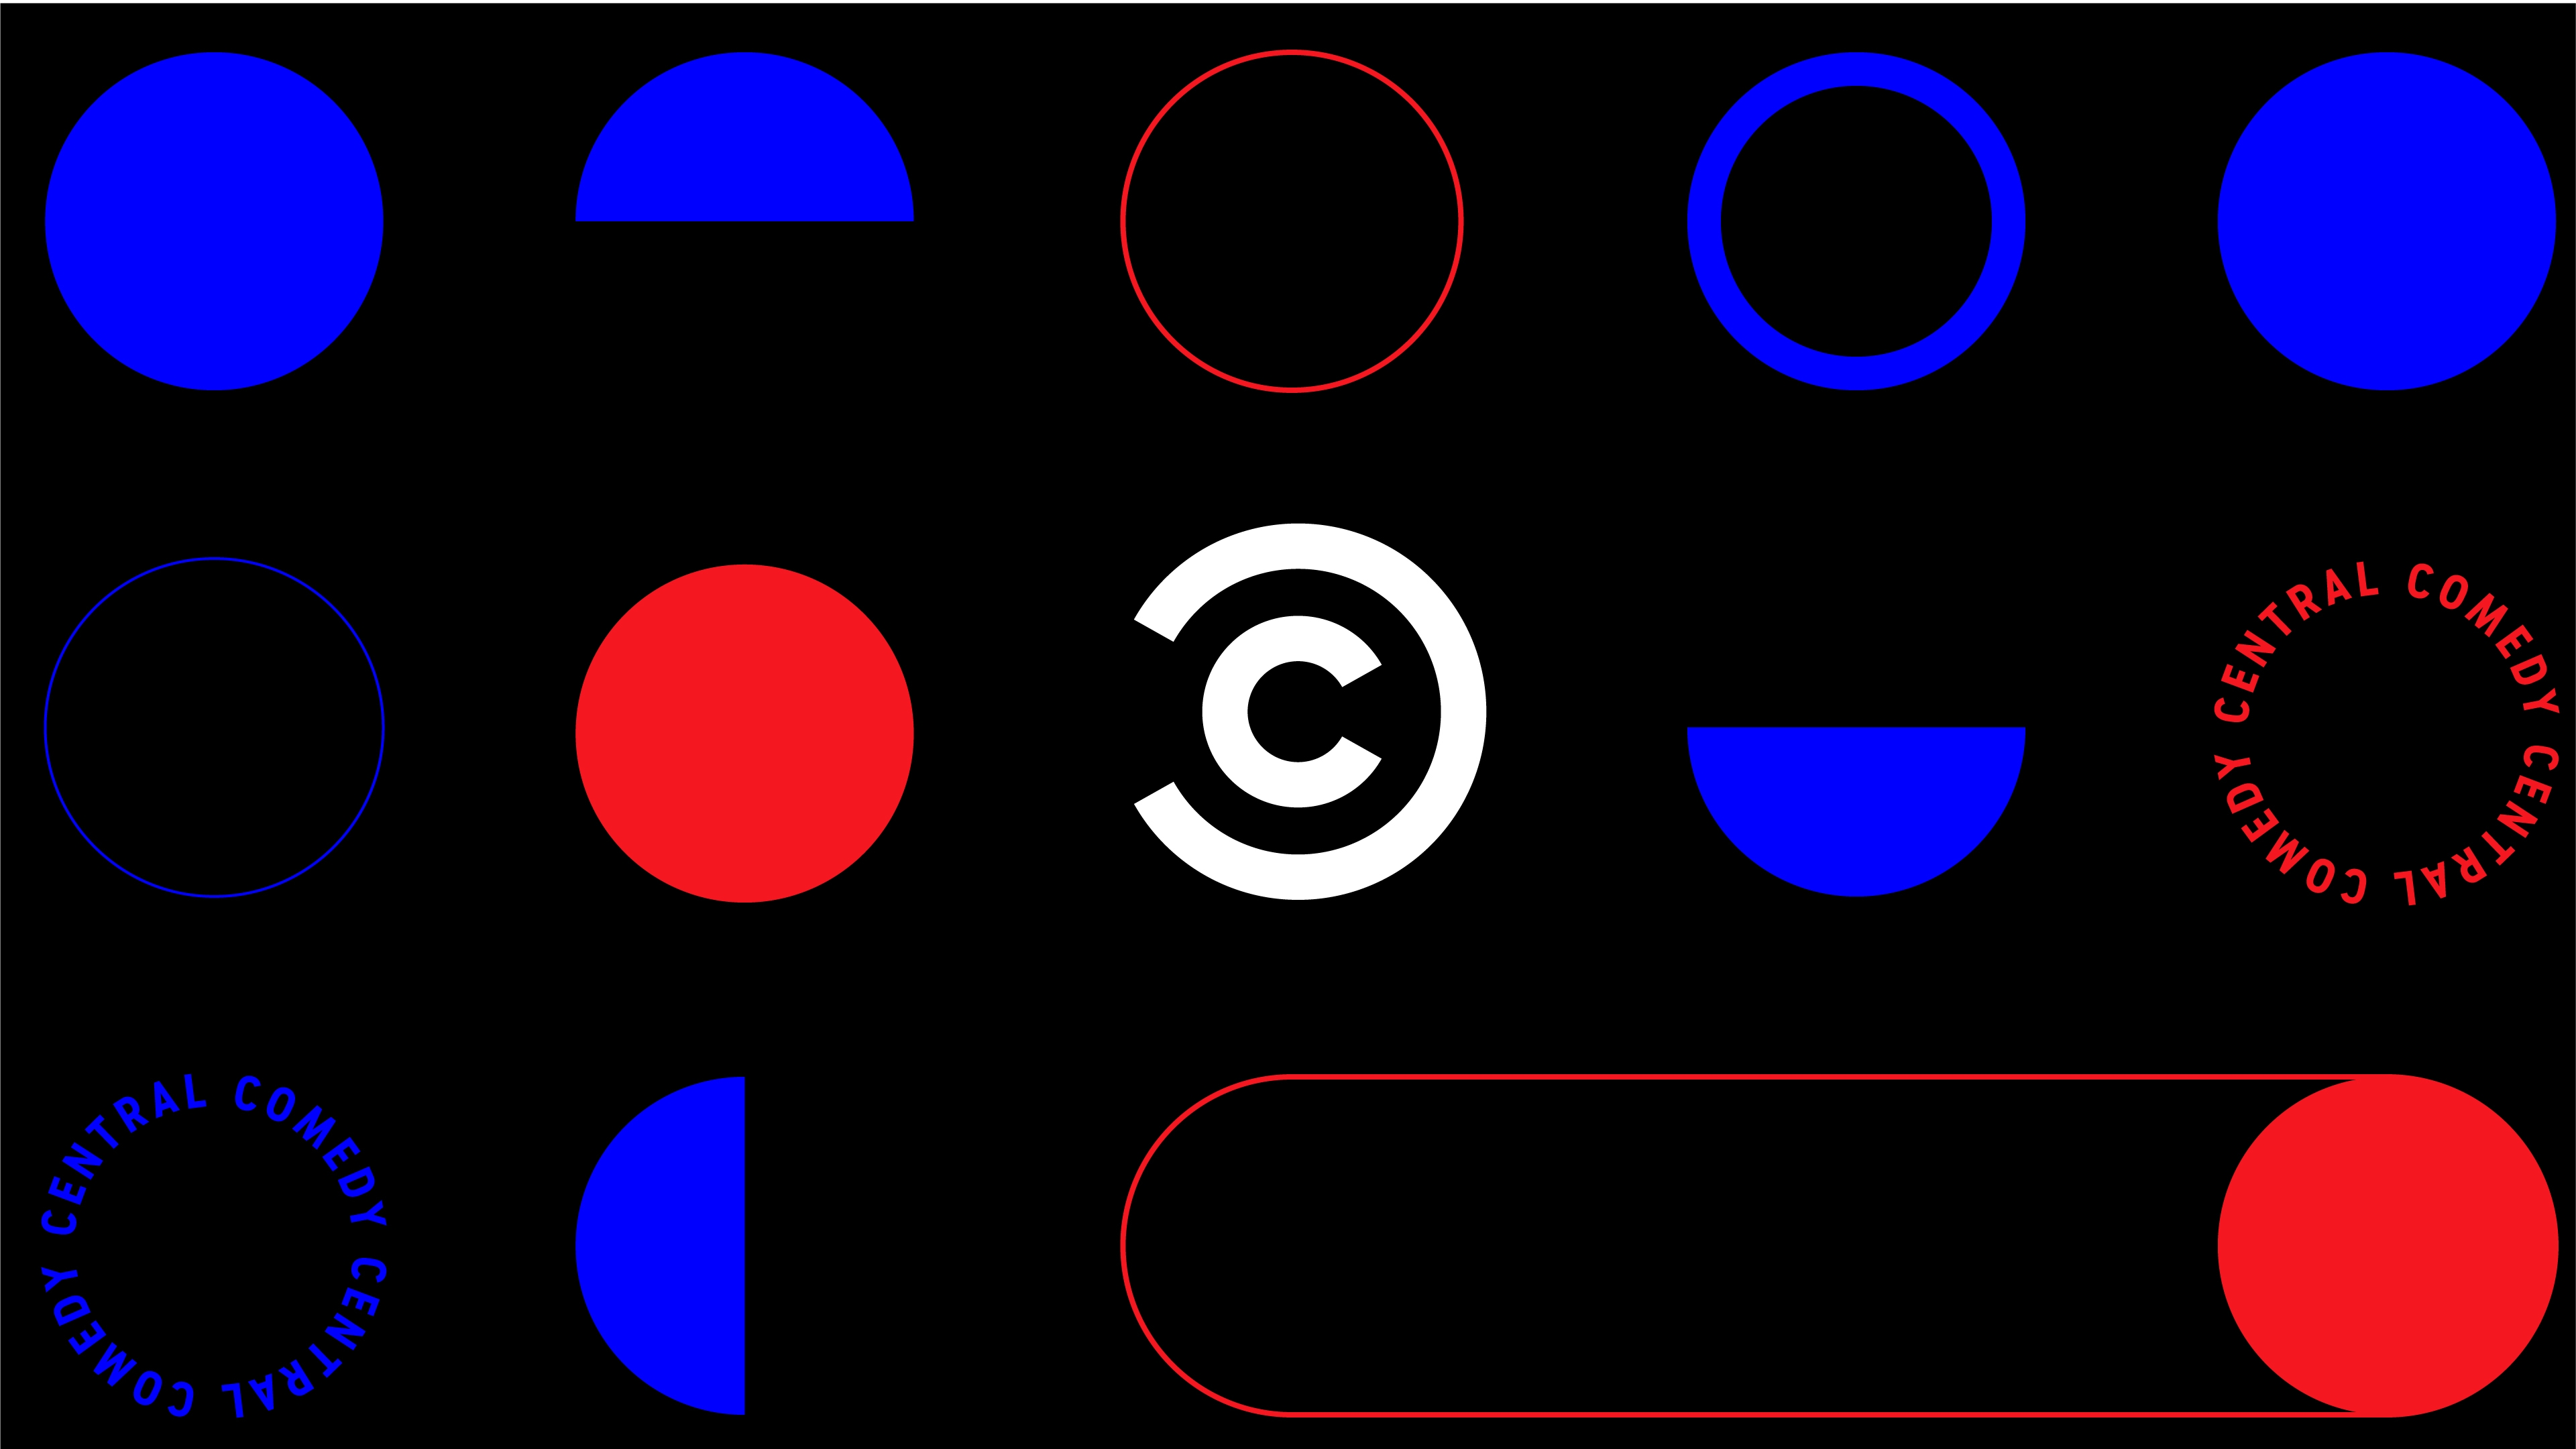 CC PRESENTA - Graphic Pack